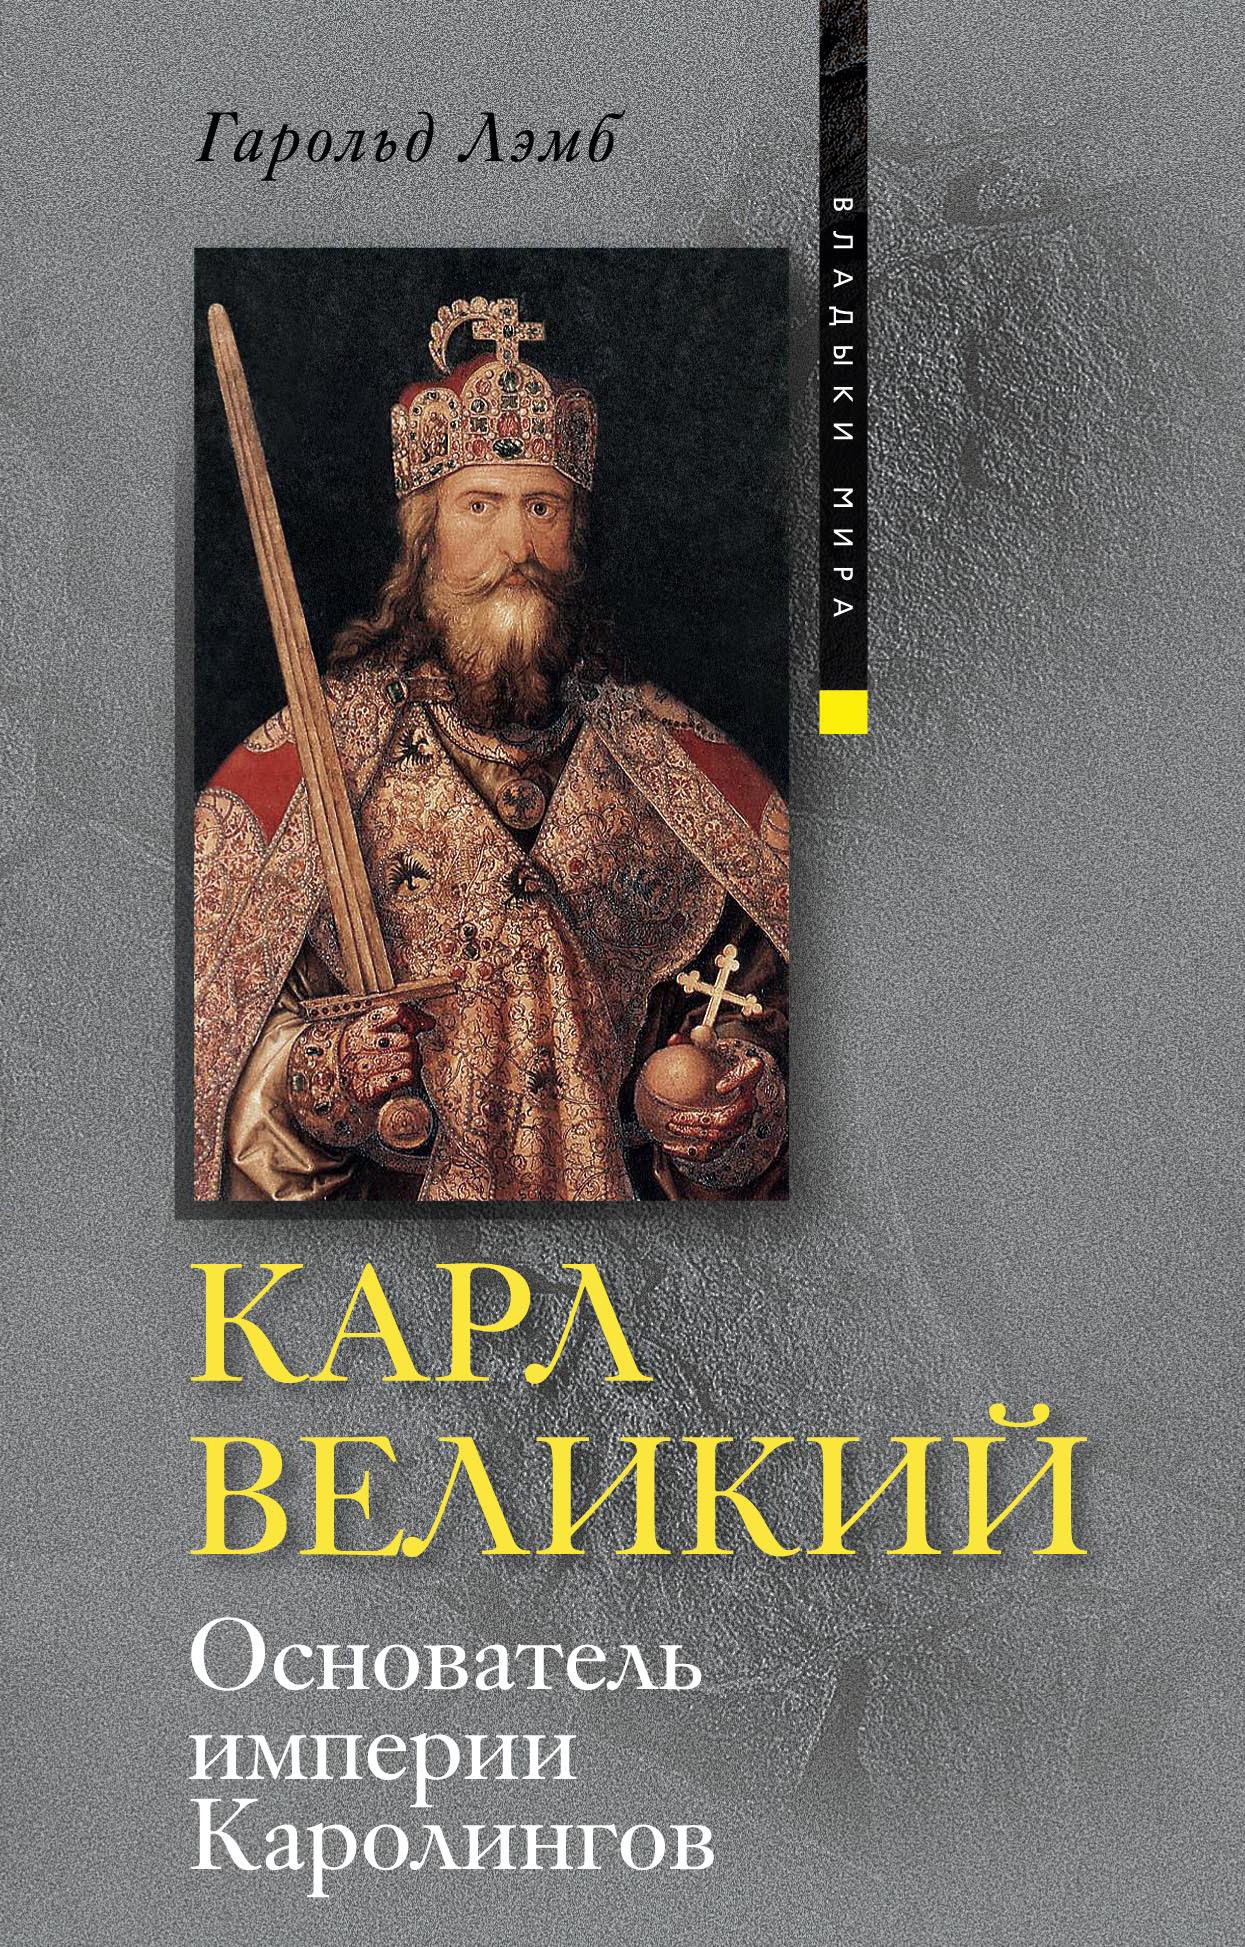 Карл Великий. Основатель империи Каролингов